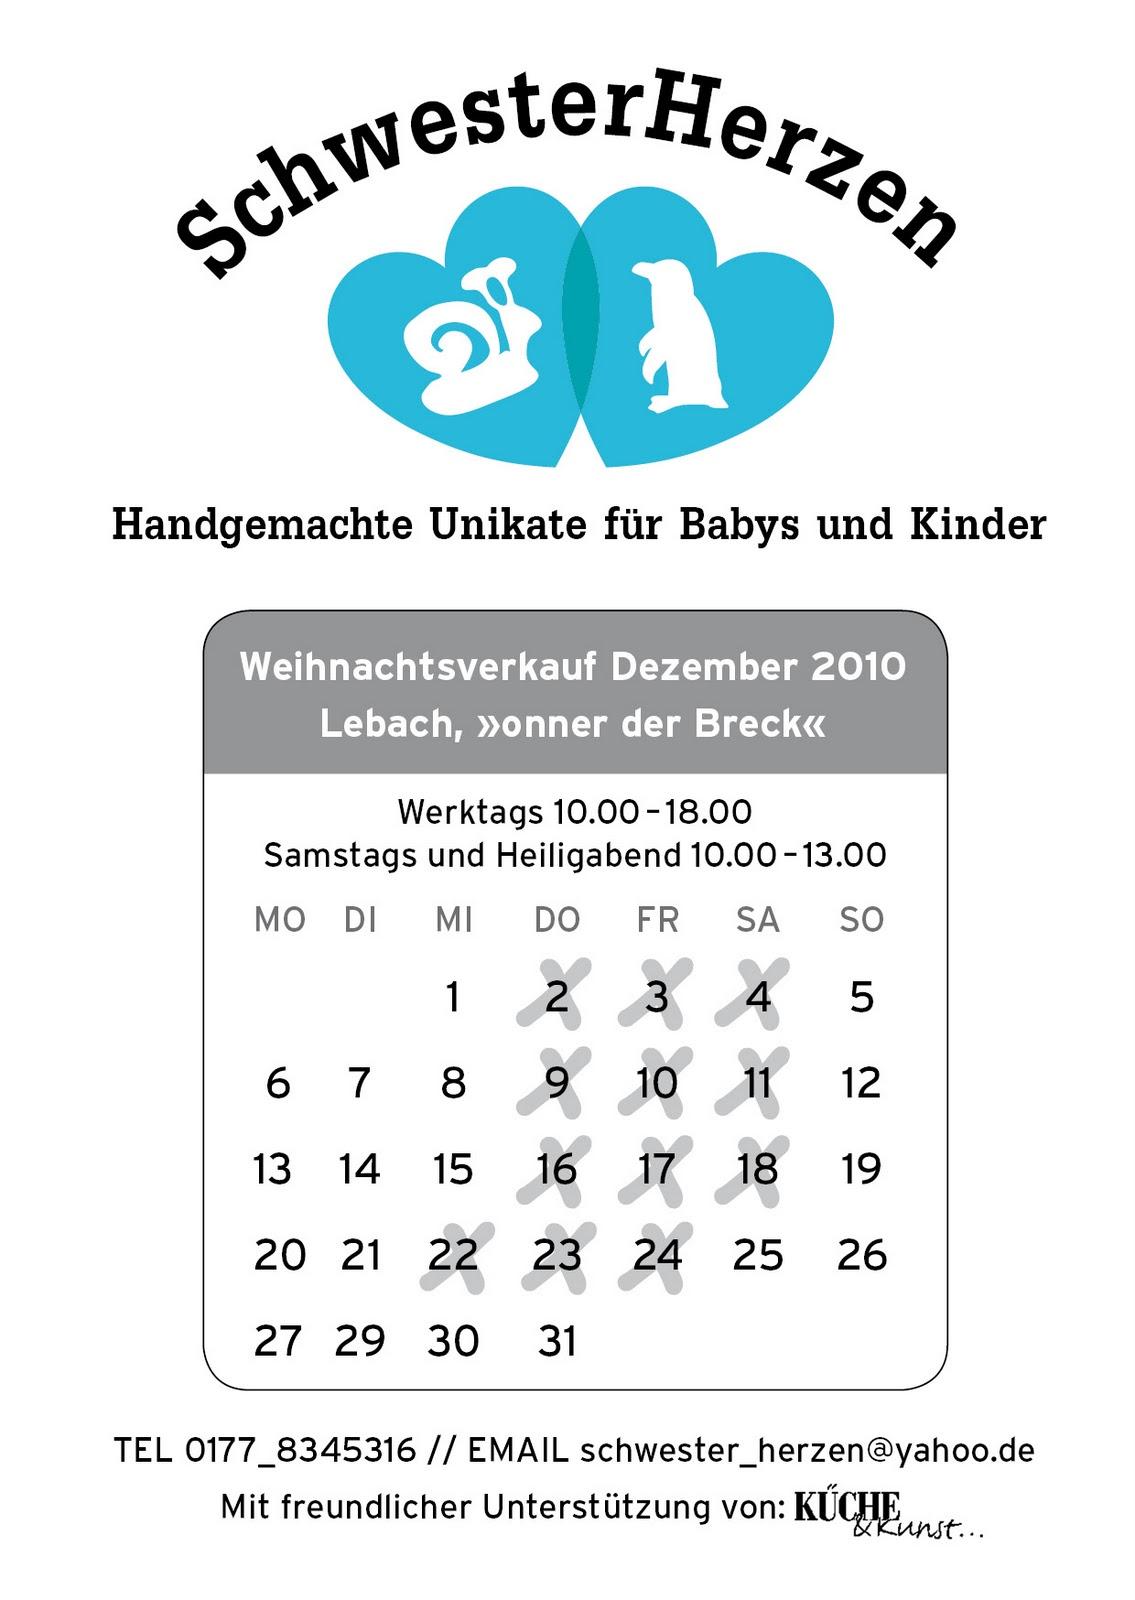 SchwesterHerzen: 2010